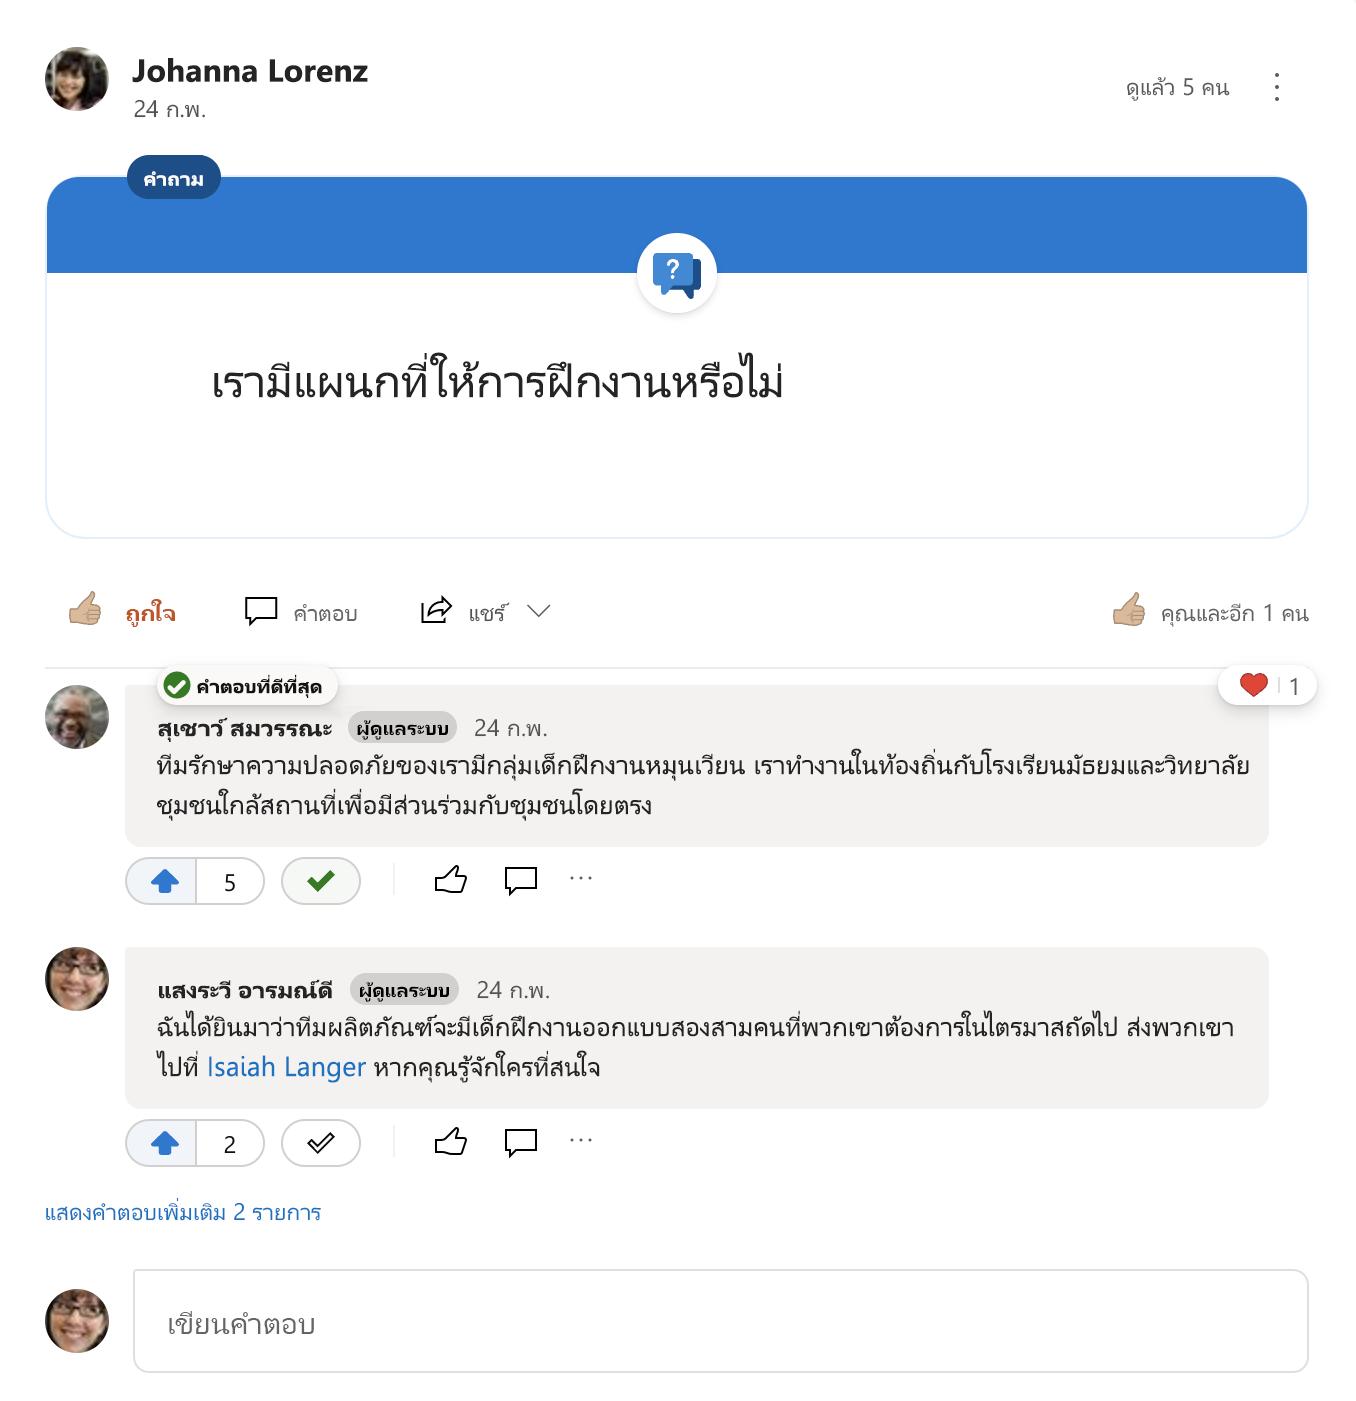 คำตอบที่ดีที่สุดสำหรับคำถามของ Yammer